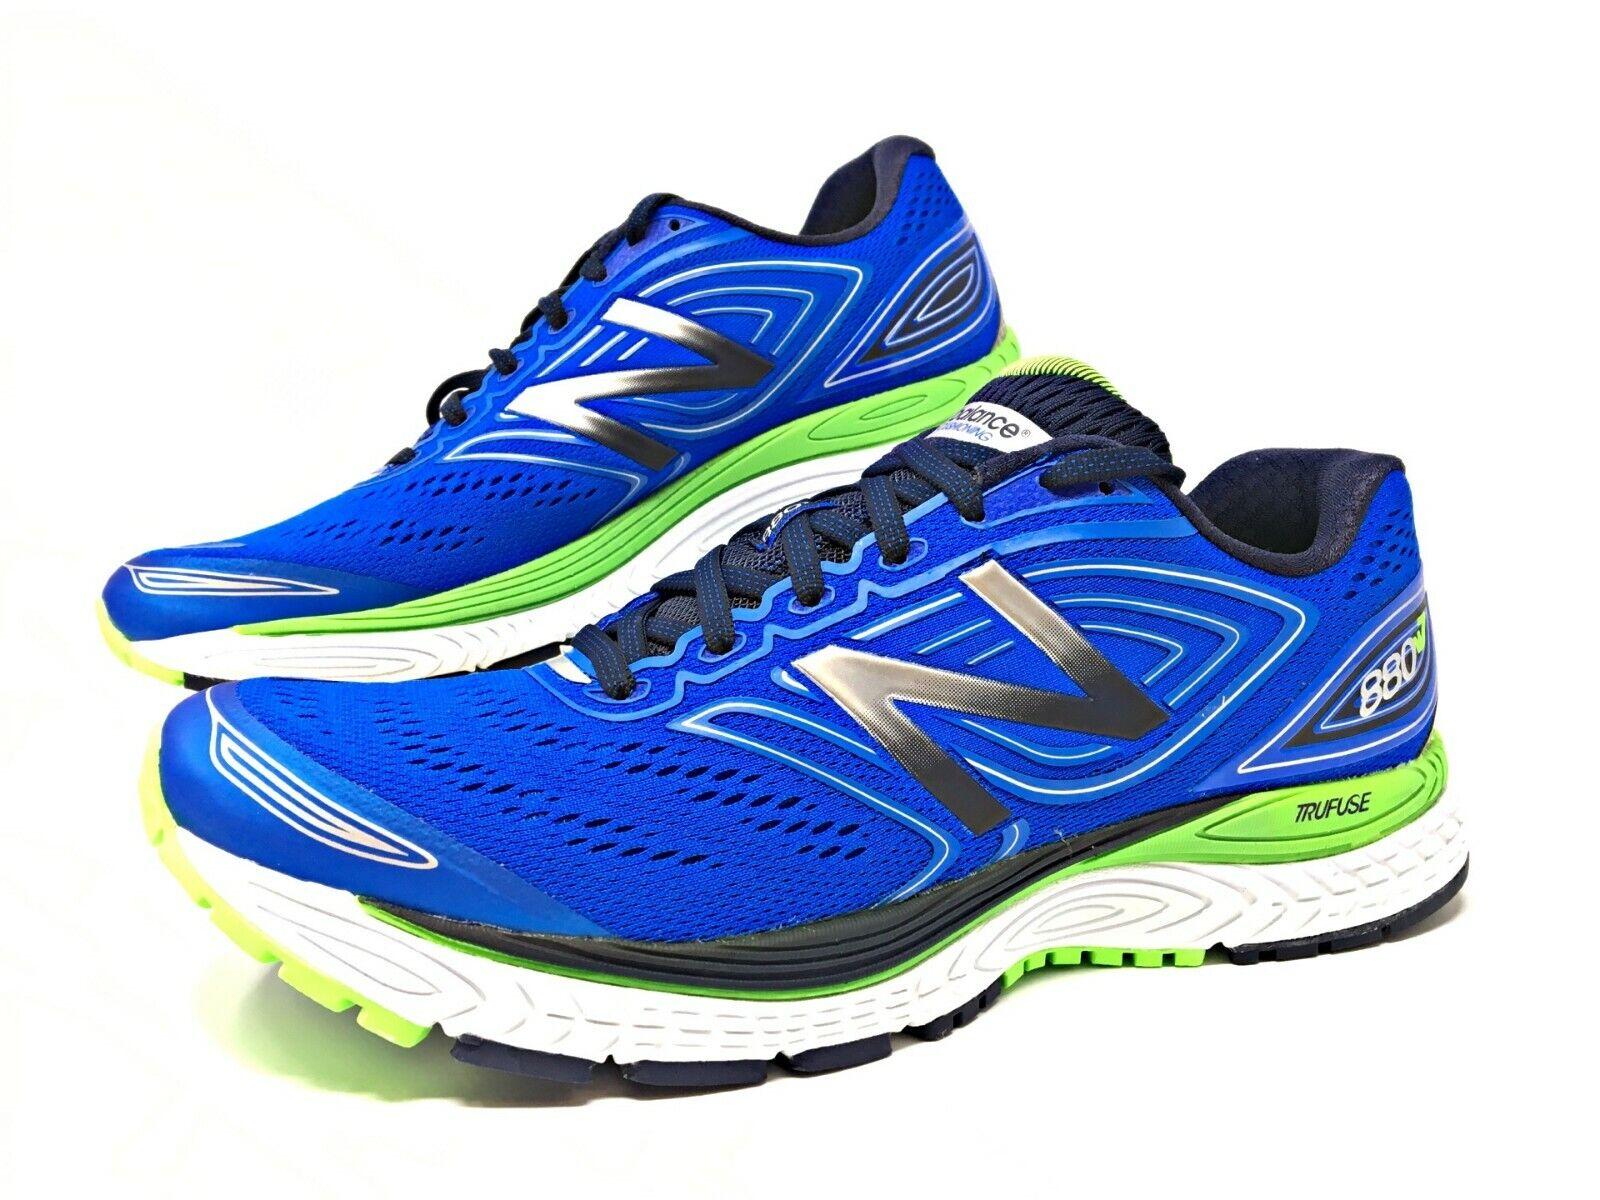 New Para hombre 880v7 Azul Balance verde Para Hombre Zapatillas Para Correr tamaño nos 8 D Mediano M880BW7